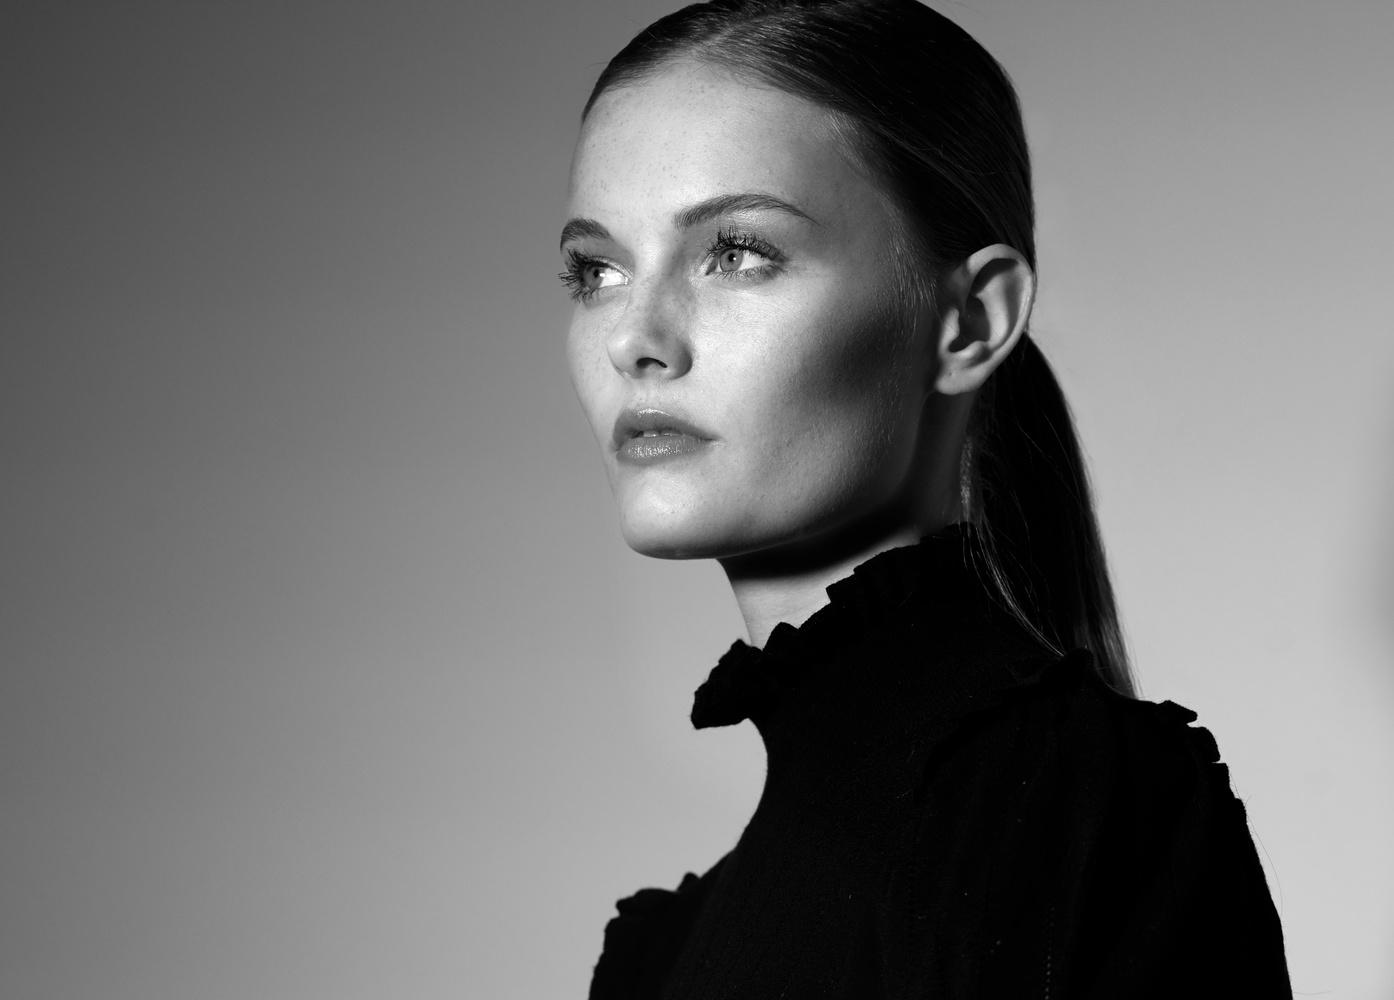 Fashion Portrait by Joe Jenkins